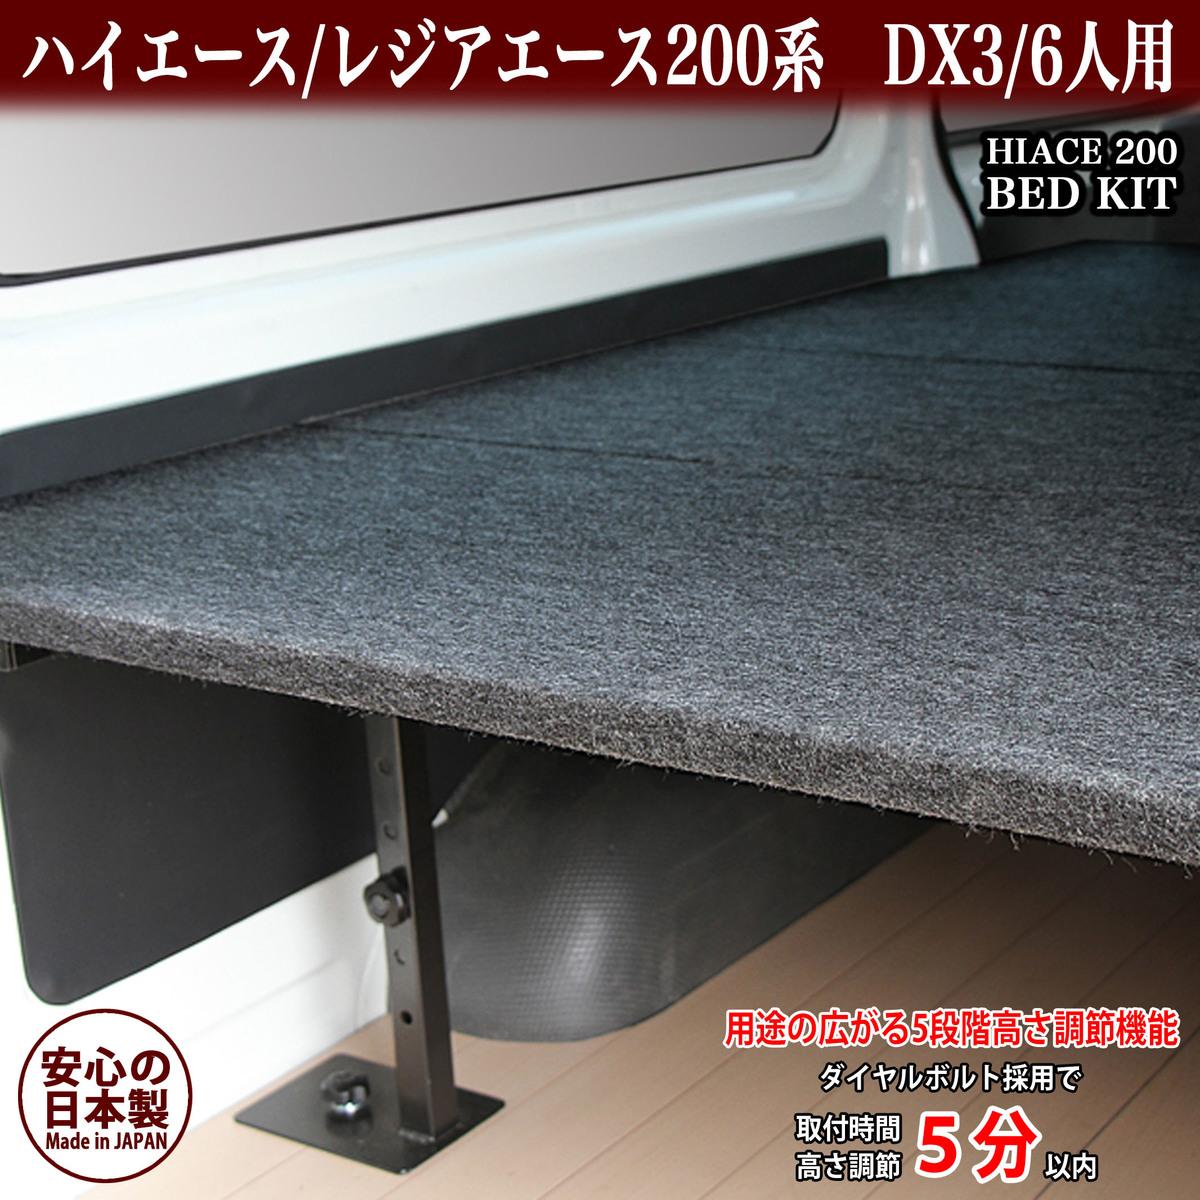 ハイエース ベッドキット DX3/6人用 パンチカーペット #1